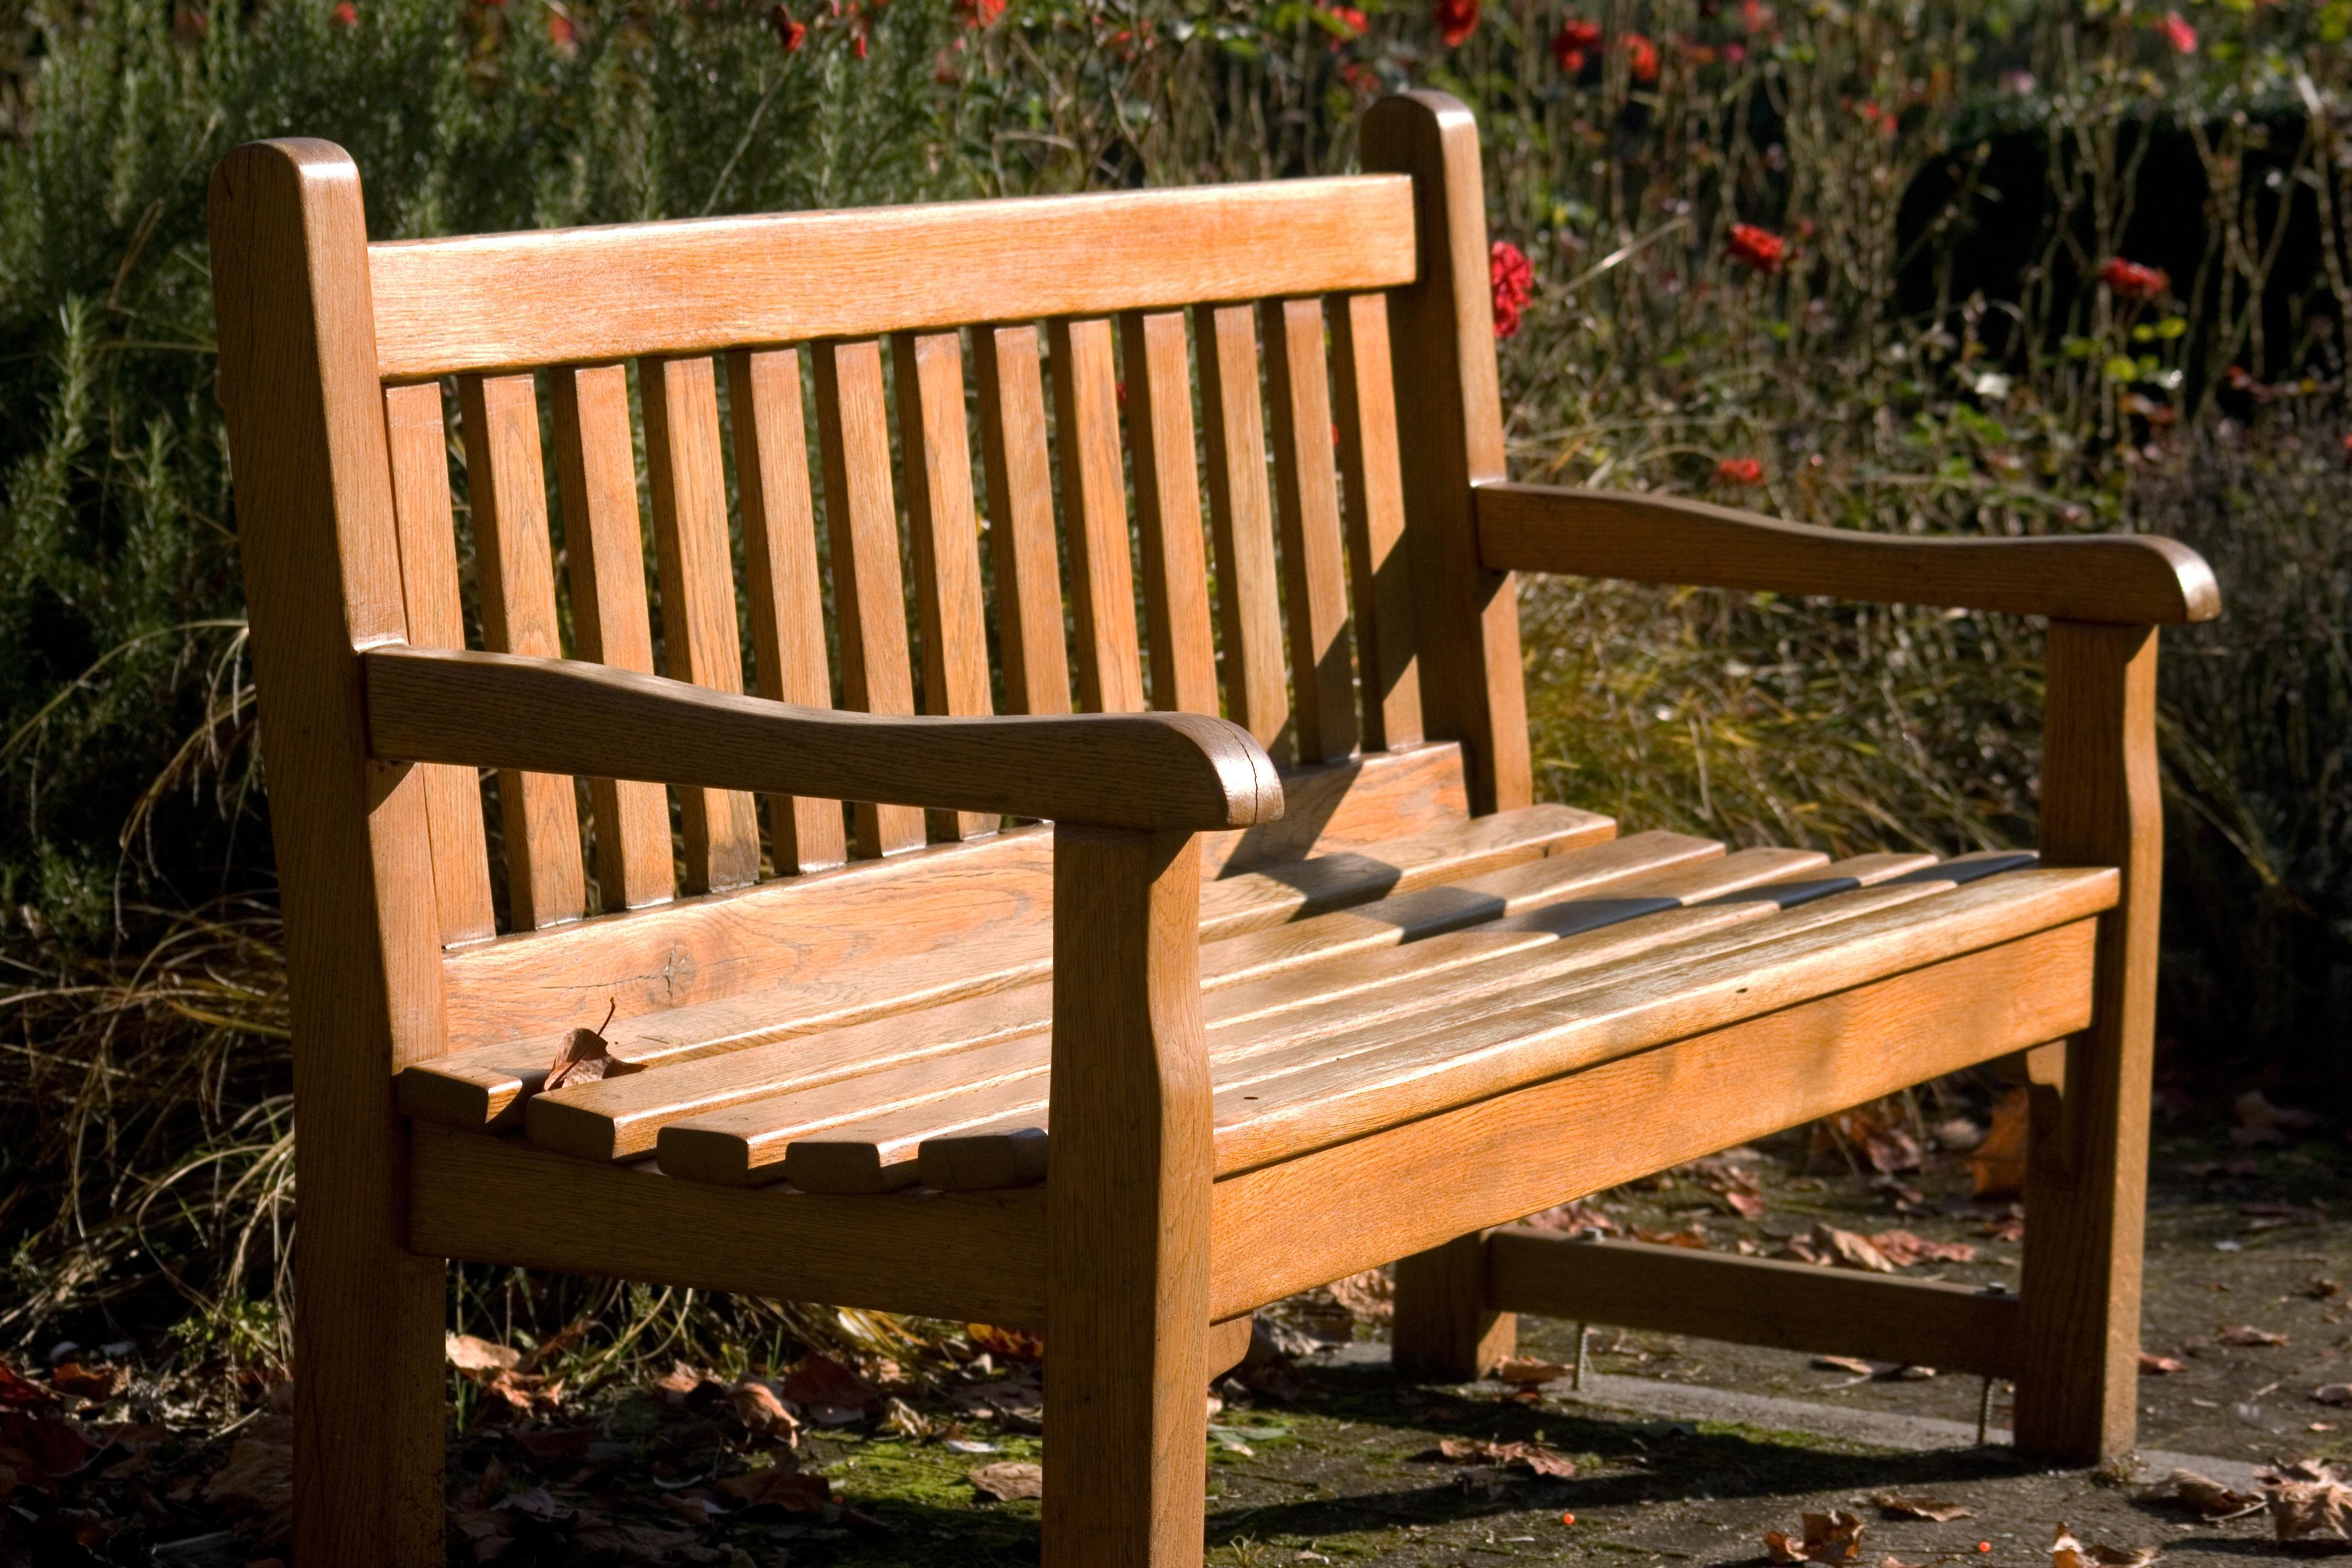 Fotos gratis : madera, sol, banco, silla, mueble, Banco del parque ...